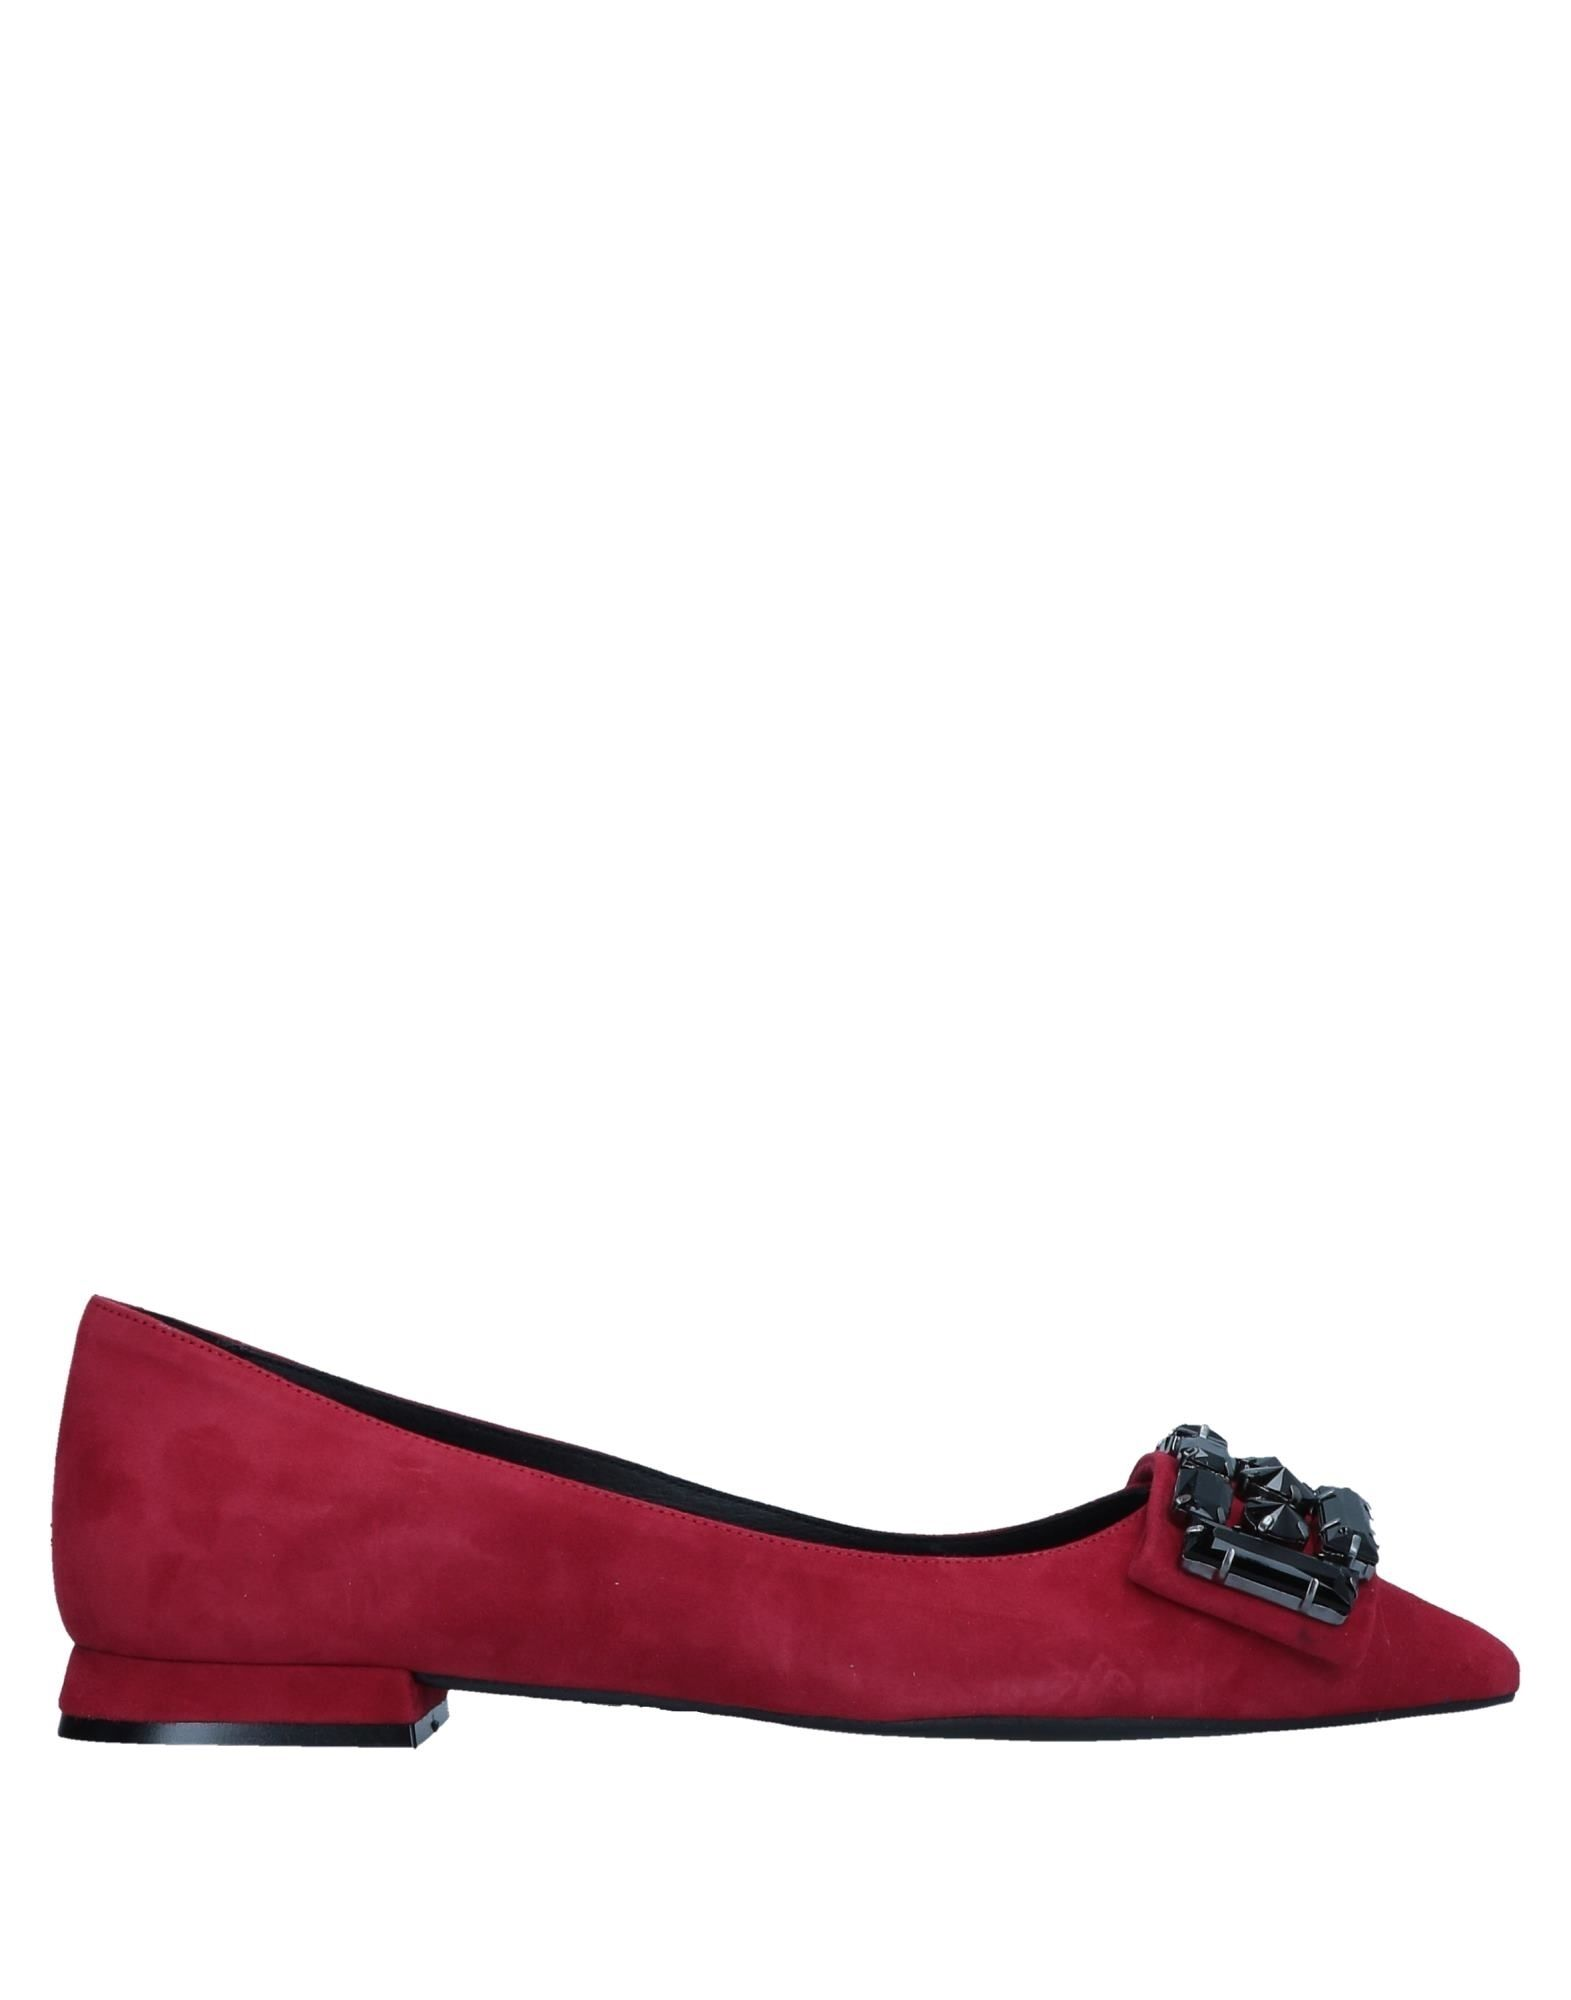 Anaki Gute Ballerinas Damen  11547292JN Gute Anaki Qualität beliebte Schuhe b87e0e